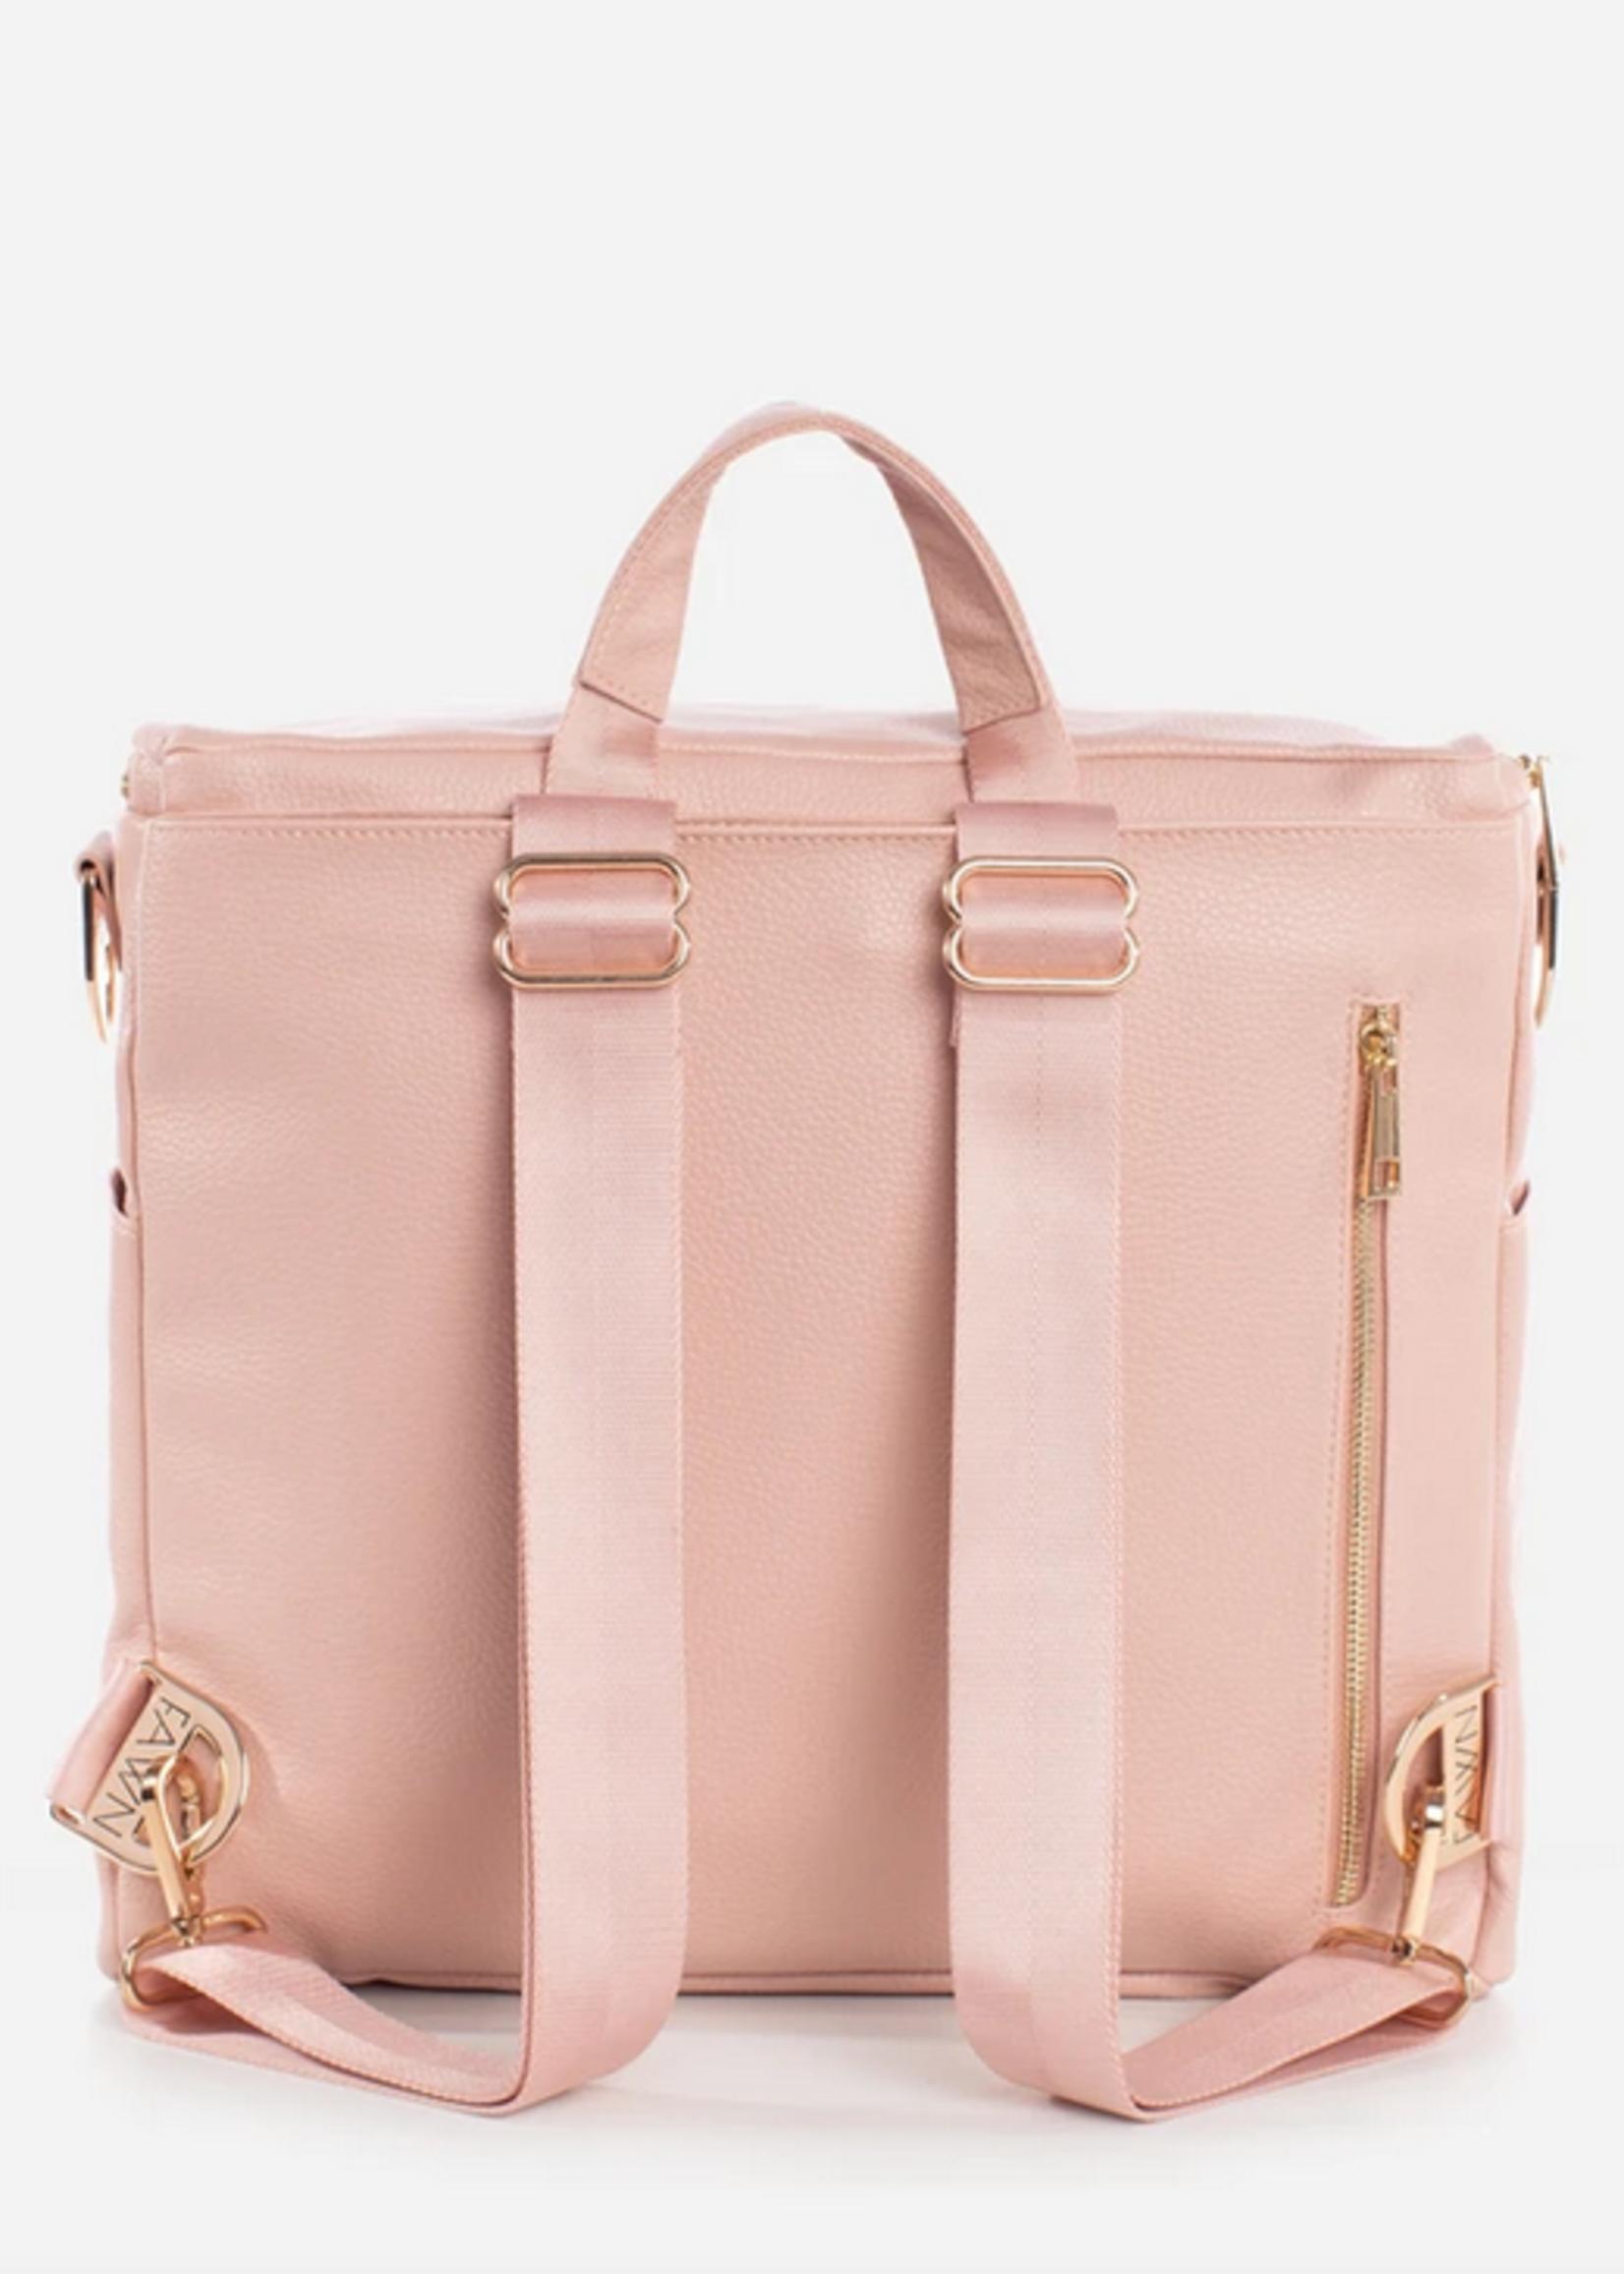 Elitaire Petite The Original Diaper Bag - Blush